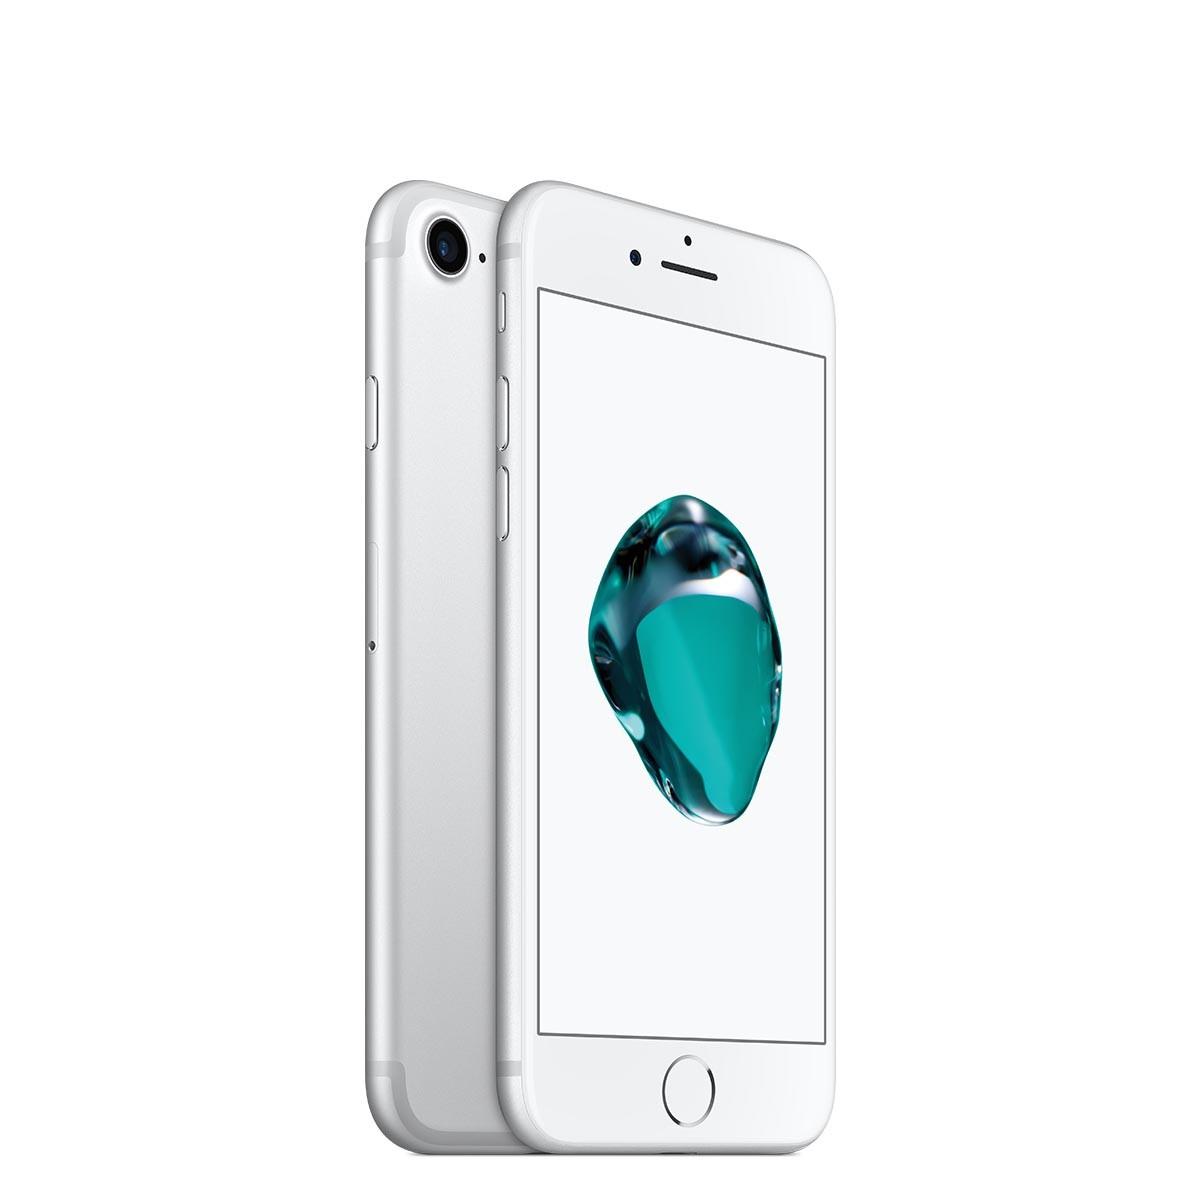 Apple iPhone 7 128GB - stříbrný (servisovaný, použitý, záruka a odpovědnost z vad 12 měsíců)